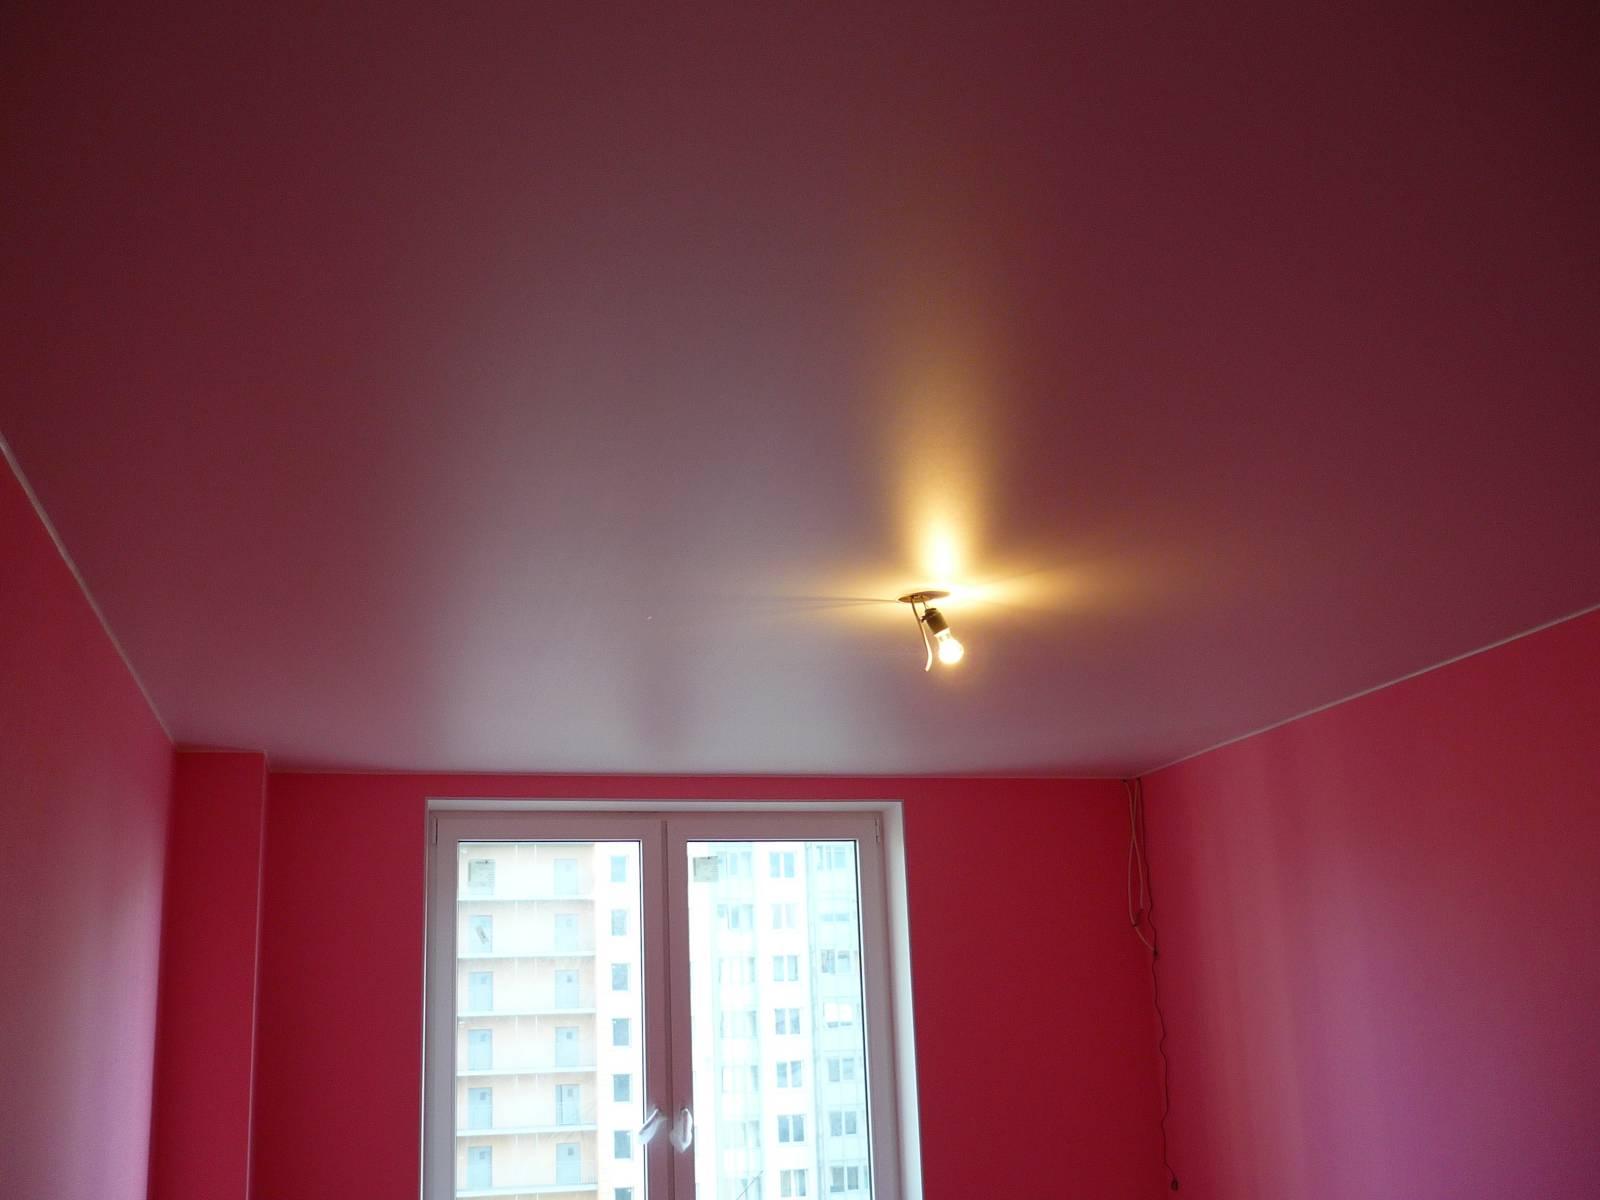 Великолепный цвет в оформлении потолка